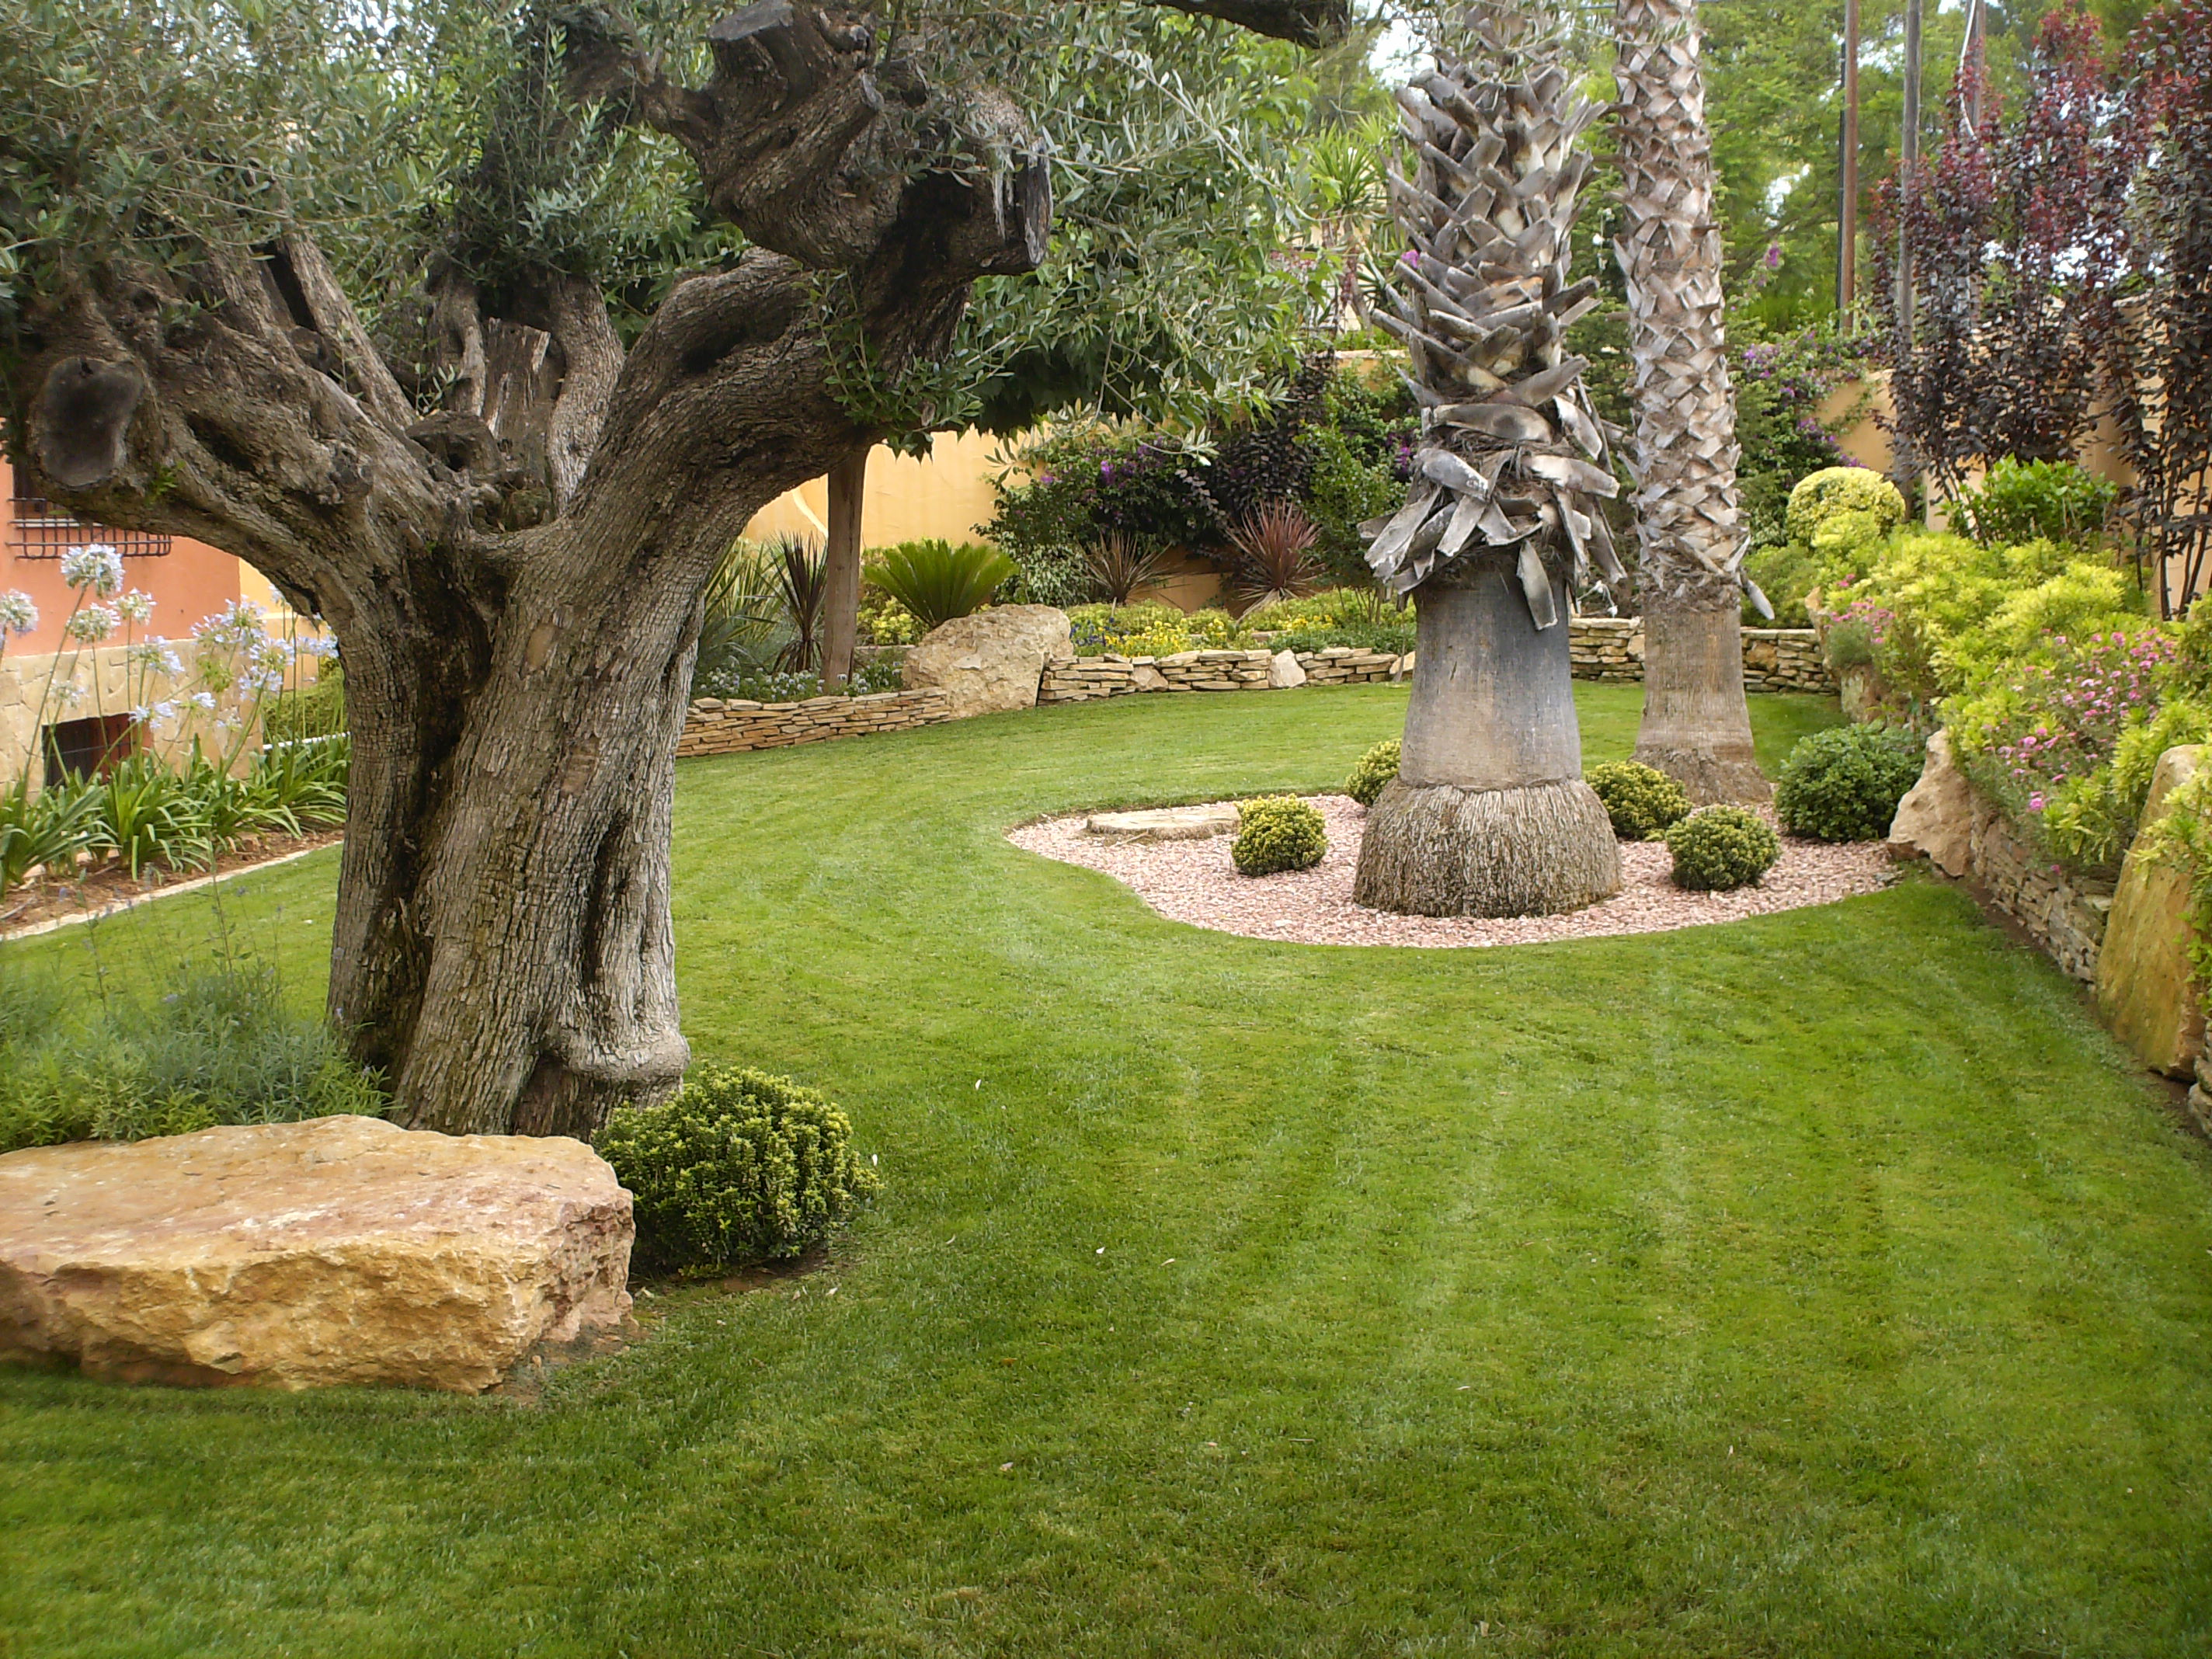 Imagens jardins exteriores v rias id ias for Ideas jardines exteriores